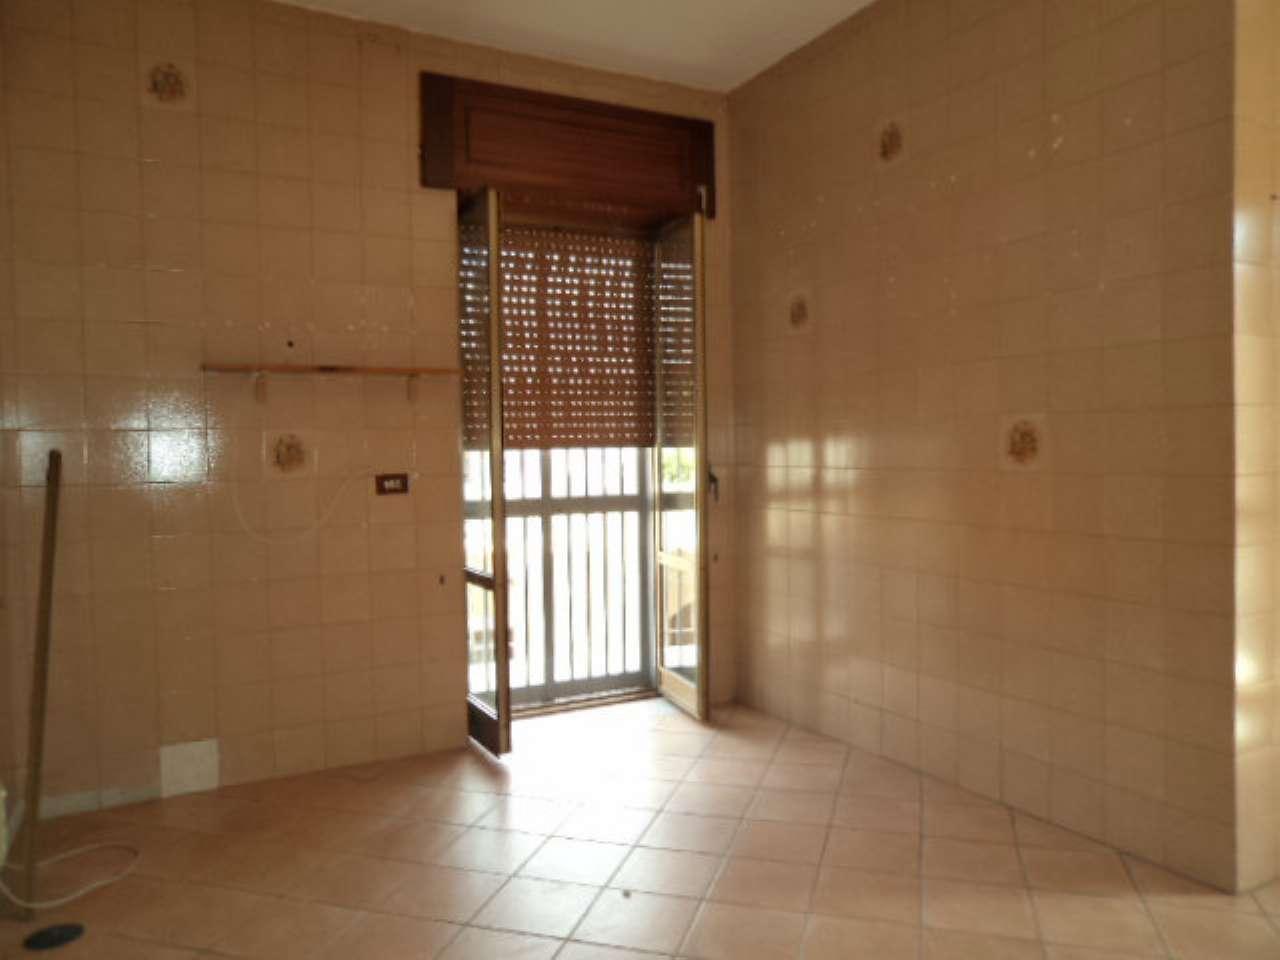 Appartamento in vendita a Qualiano, 4 locali, prezzo € 105.000   CambioCasa.it